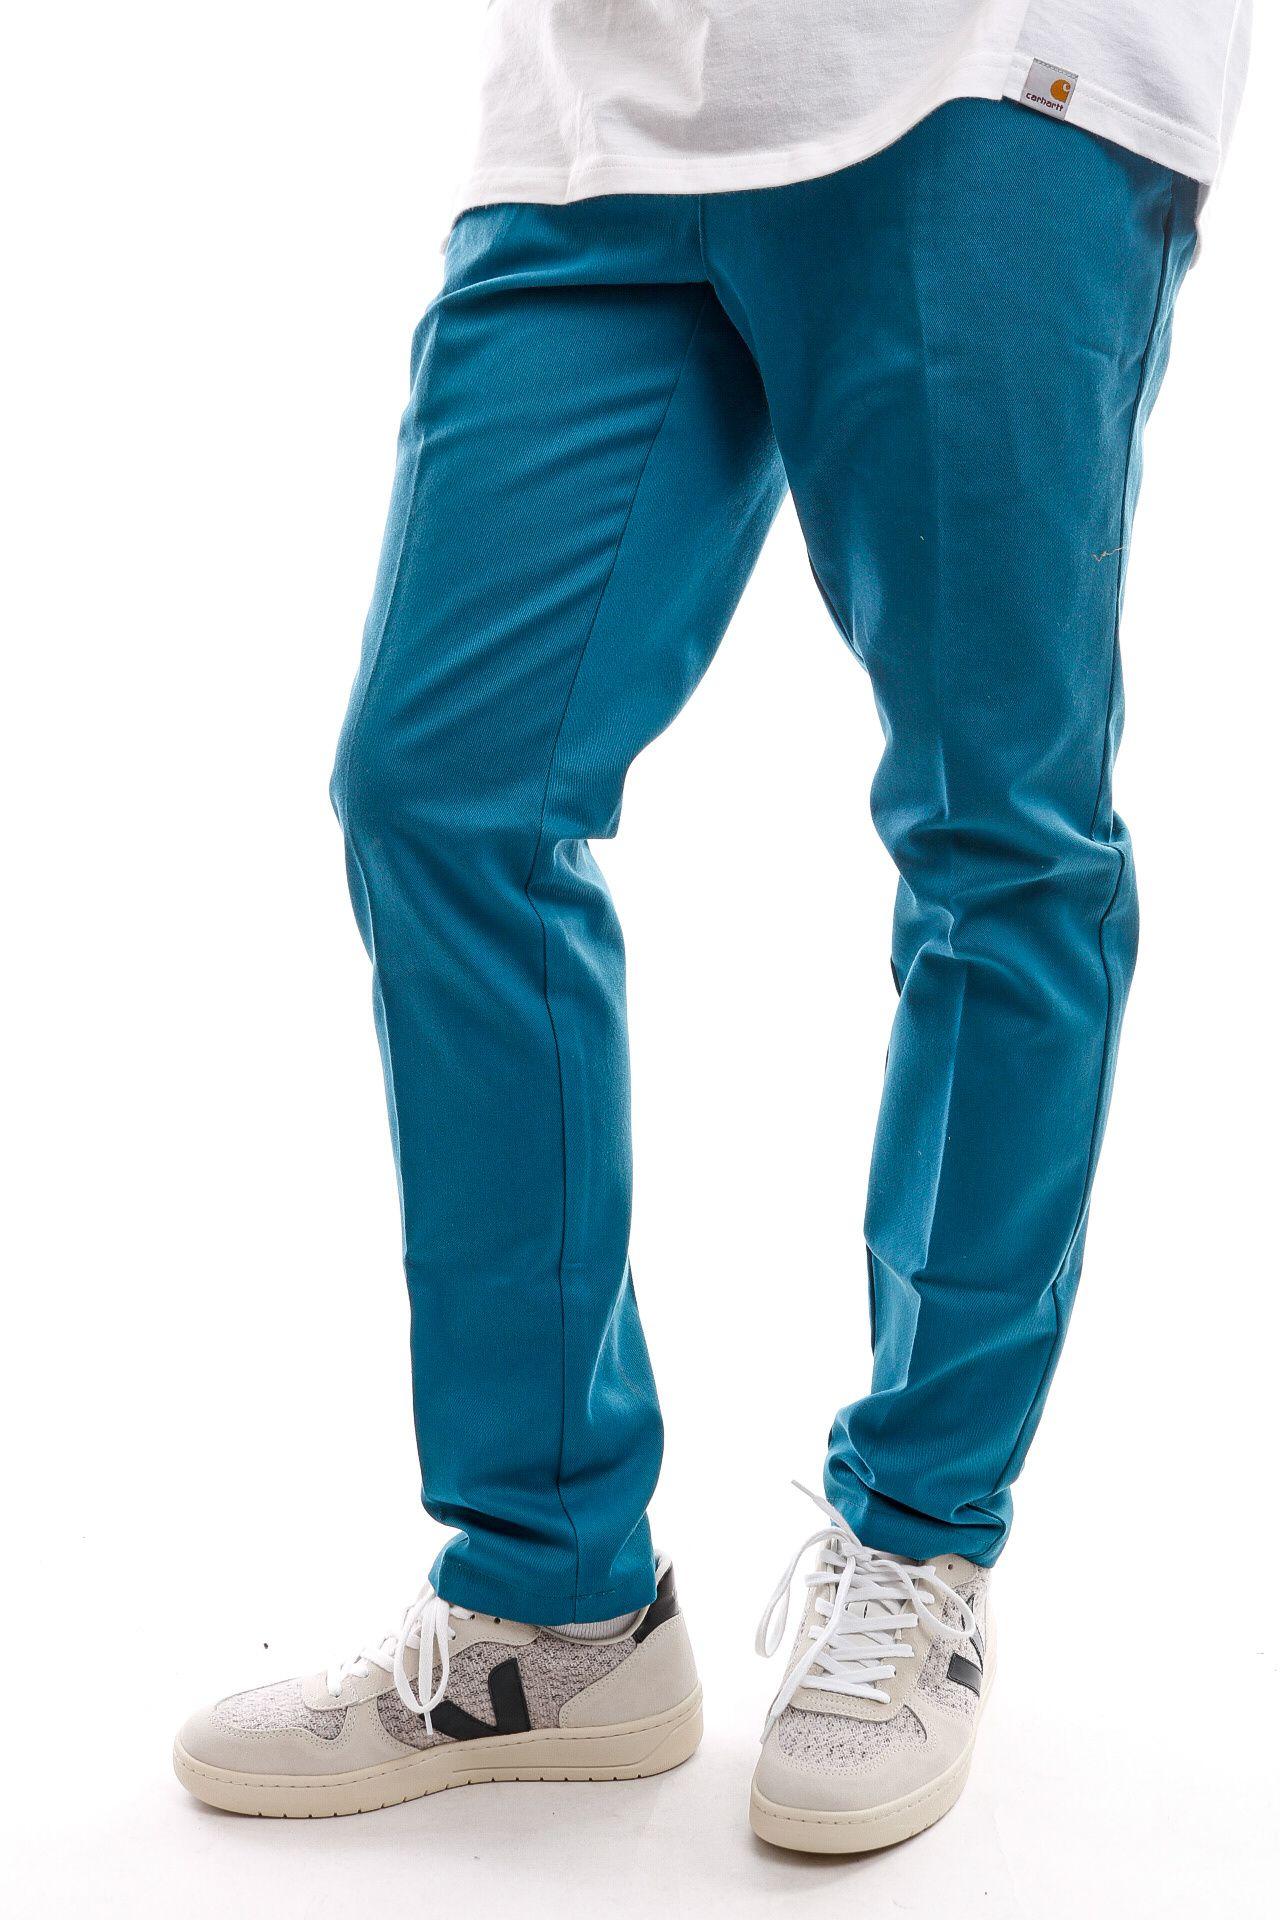 Afbeelding van Dickies Chinio Slim Fit Work Pnt Coral Blue DK0WE872CBL1